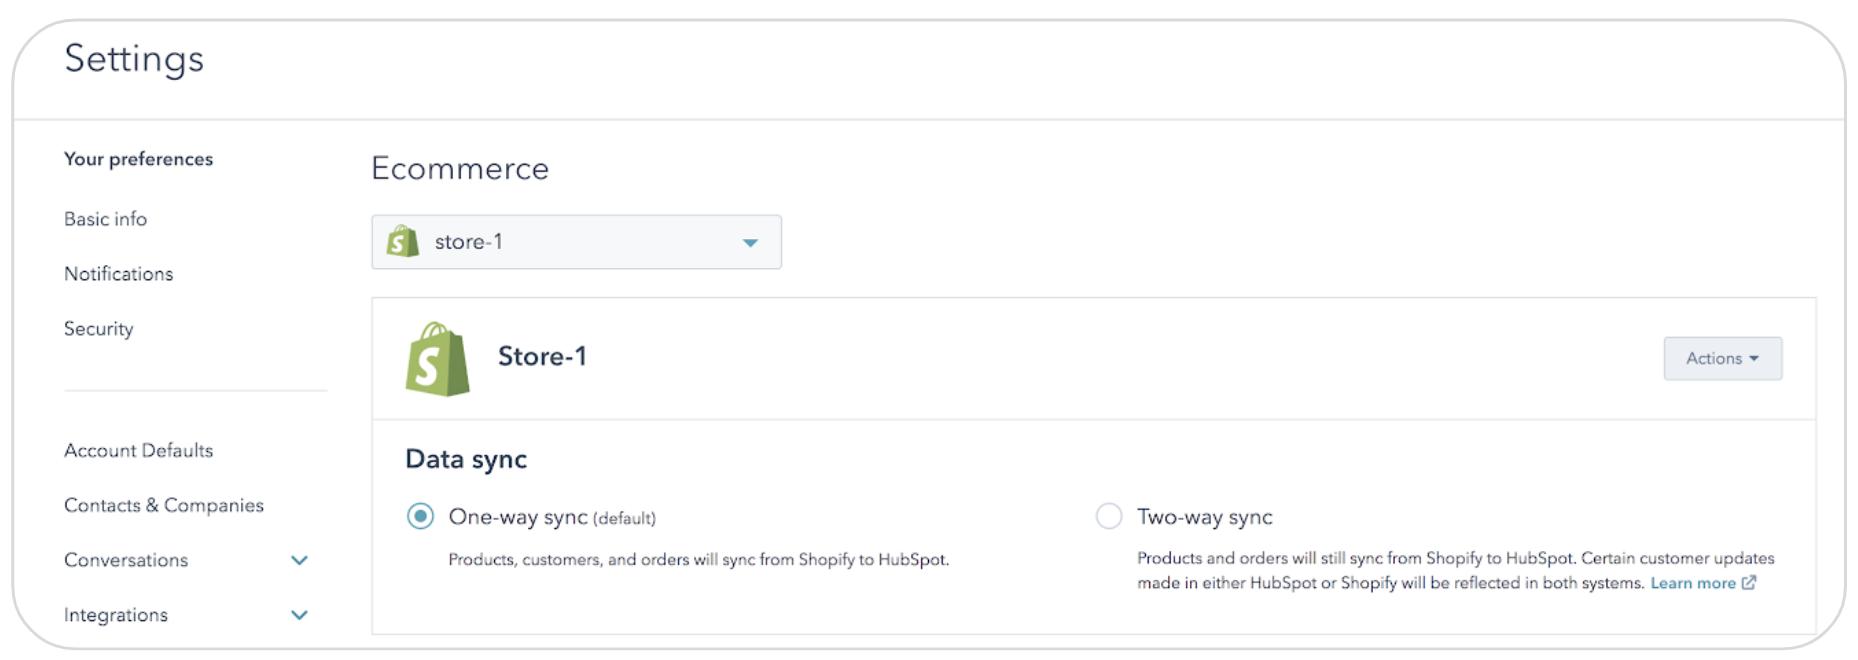 Wechselseitige Kontakt Synchronisation zwischen HubSpot und Shopify